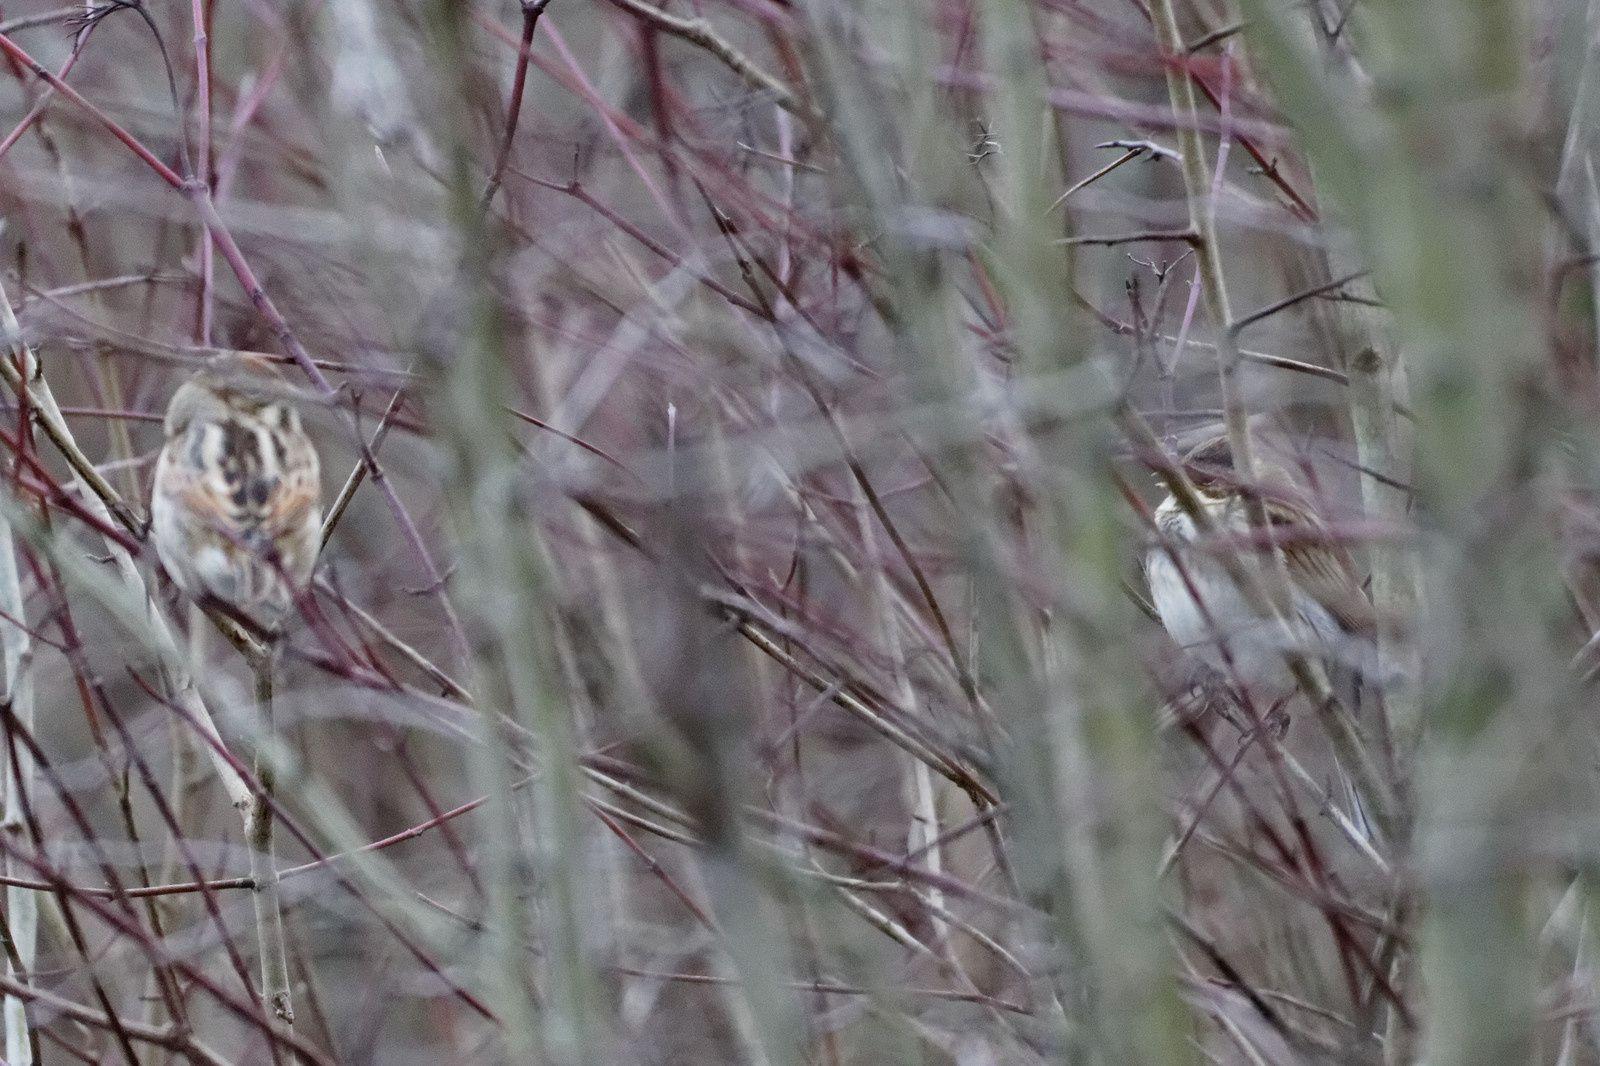 99_1 - Cygnes, Canards et Bernaches se préparent pour le printemps : 04/01/2014